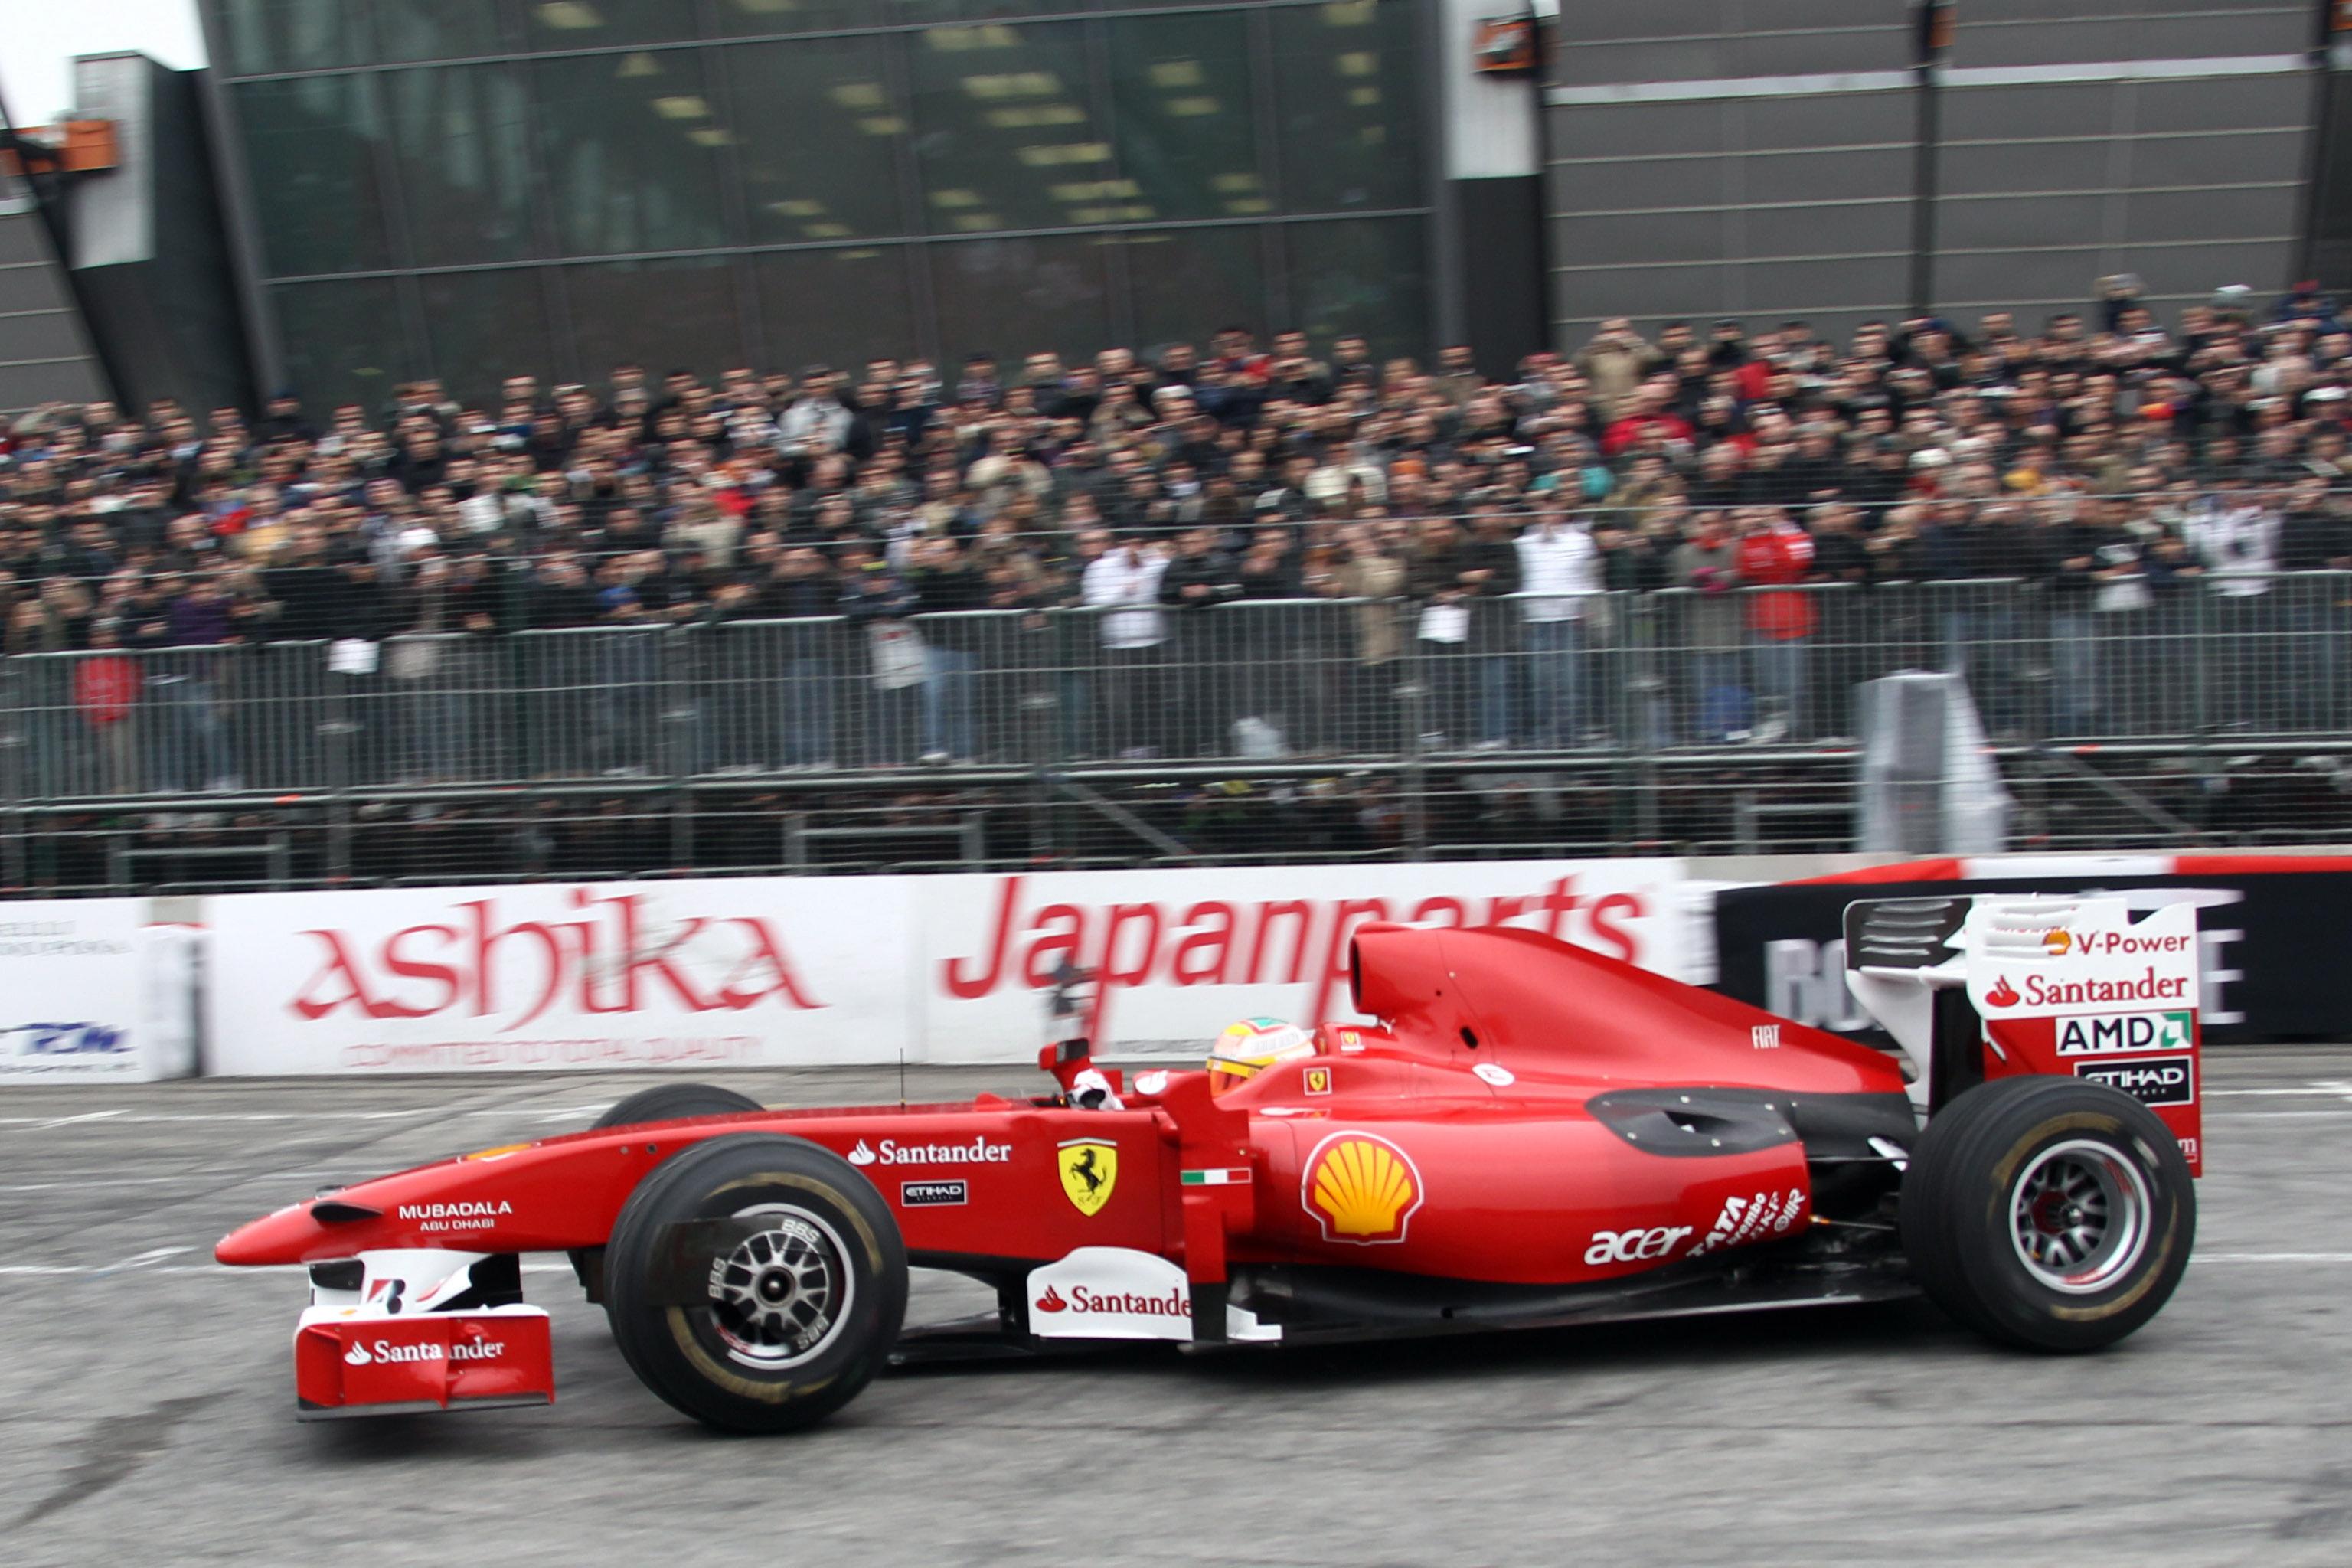 Ферари представя новия си болид през февруари